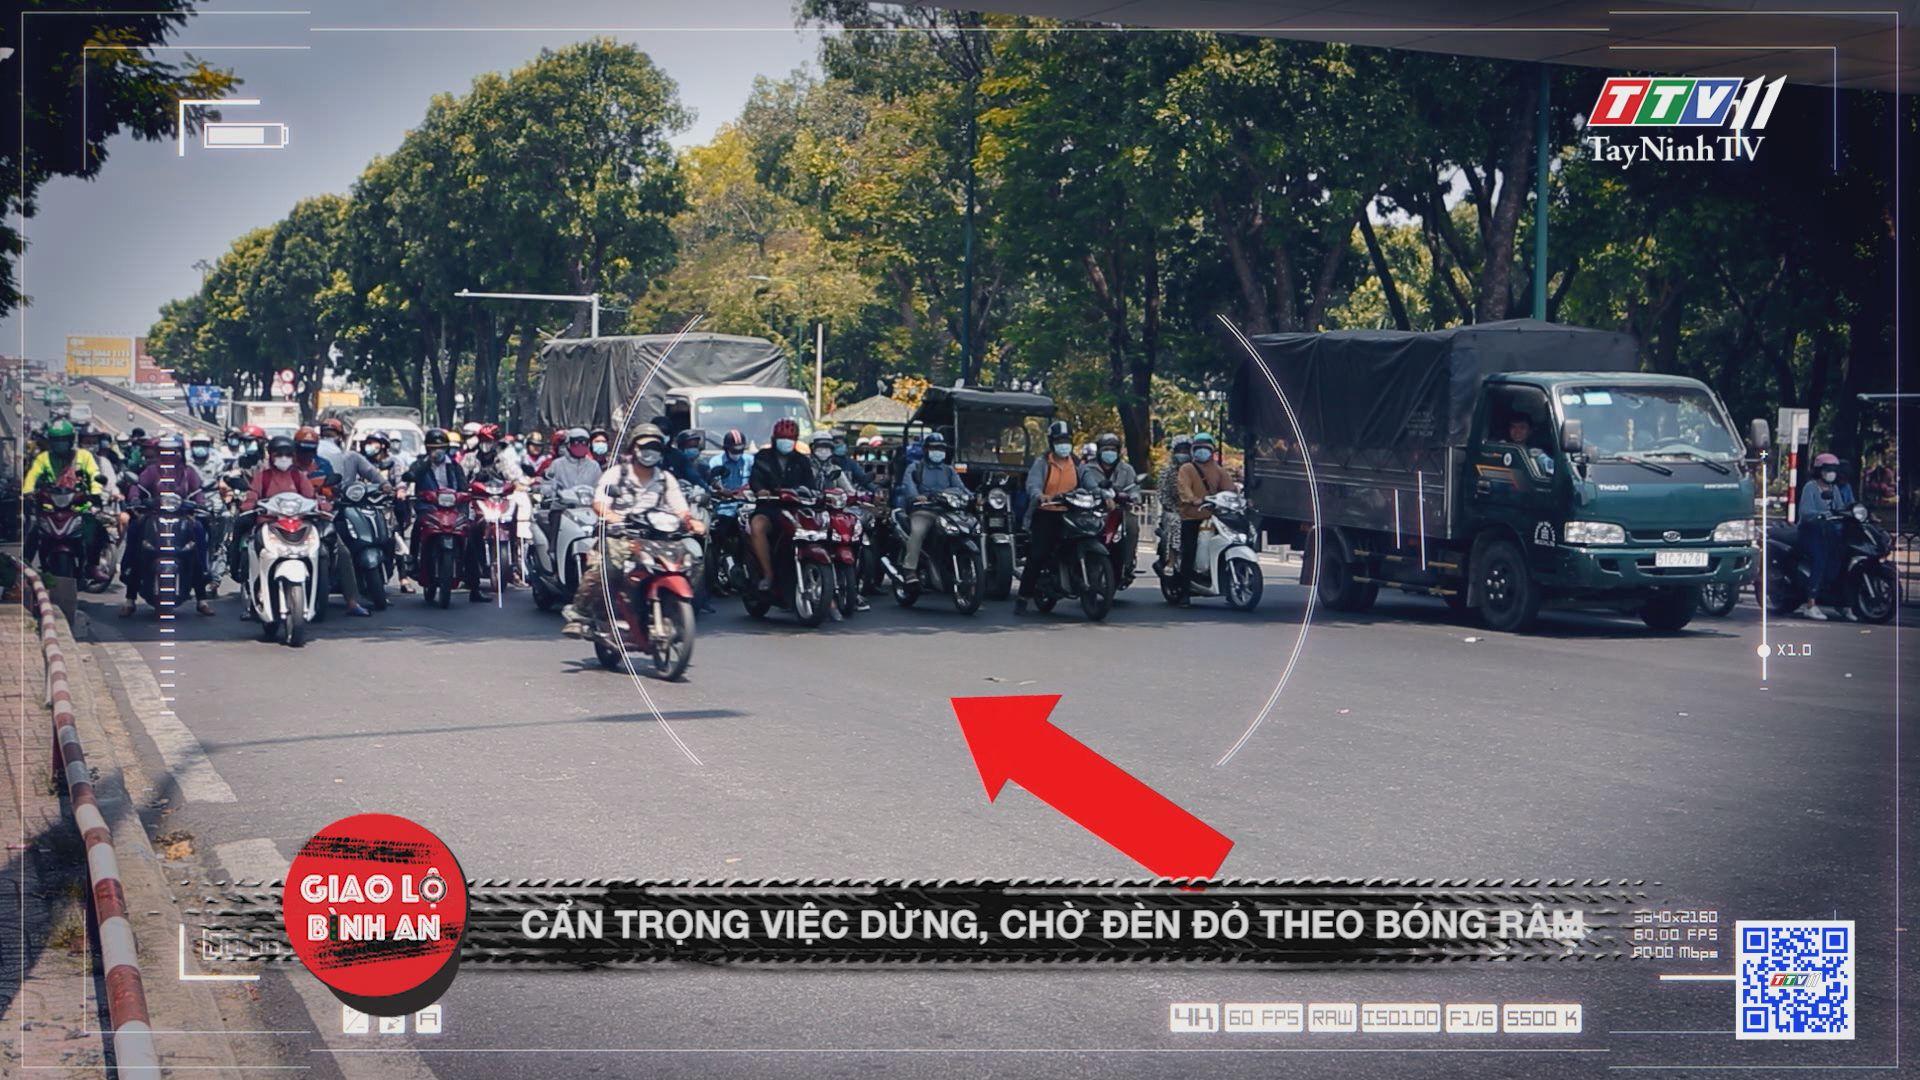 Cẩn trọng việc dừng, chờ đèn đỏ theo bóng râm | GIAO LỘ BÌNH AN | TayNinhTV